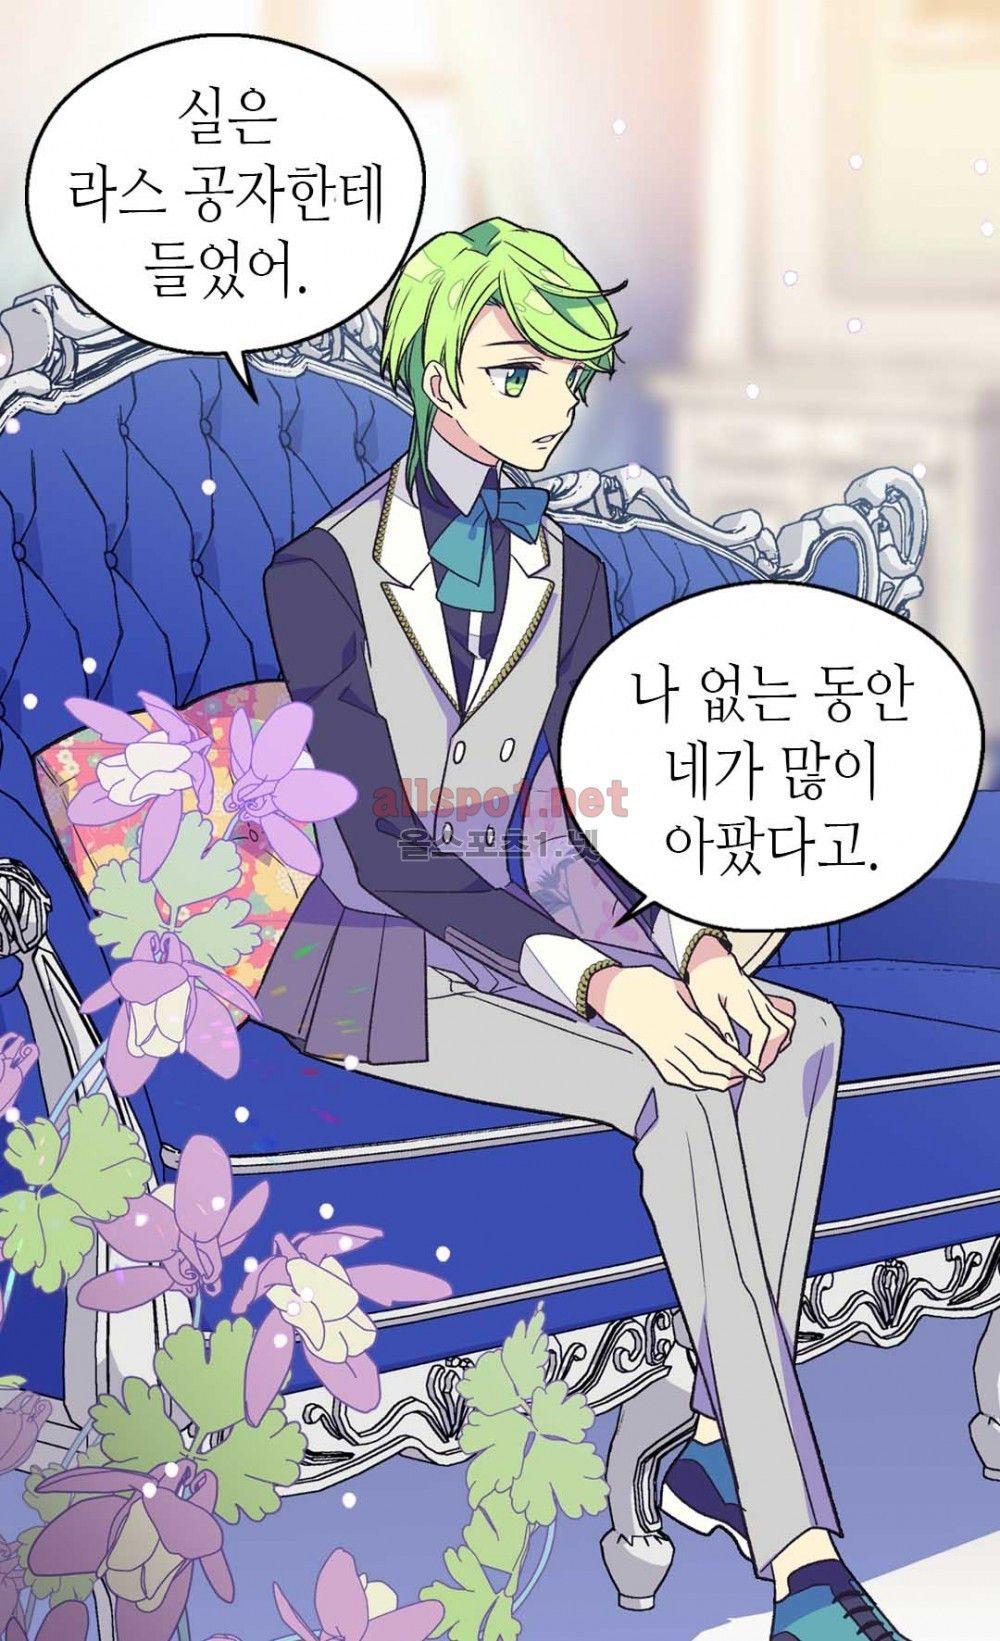 The Abandoned Empress Chapter 18 page 4 Mangakakalotcom